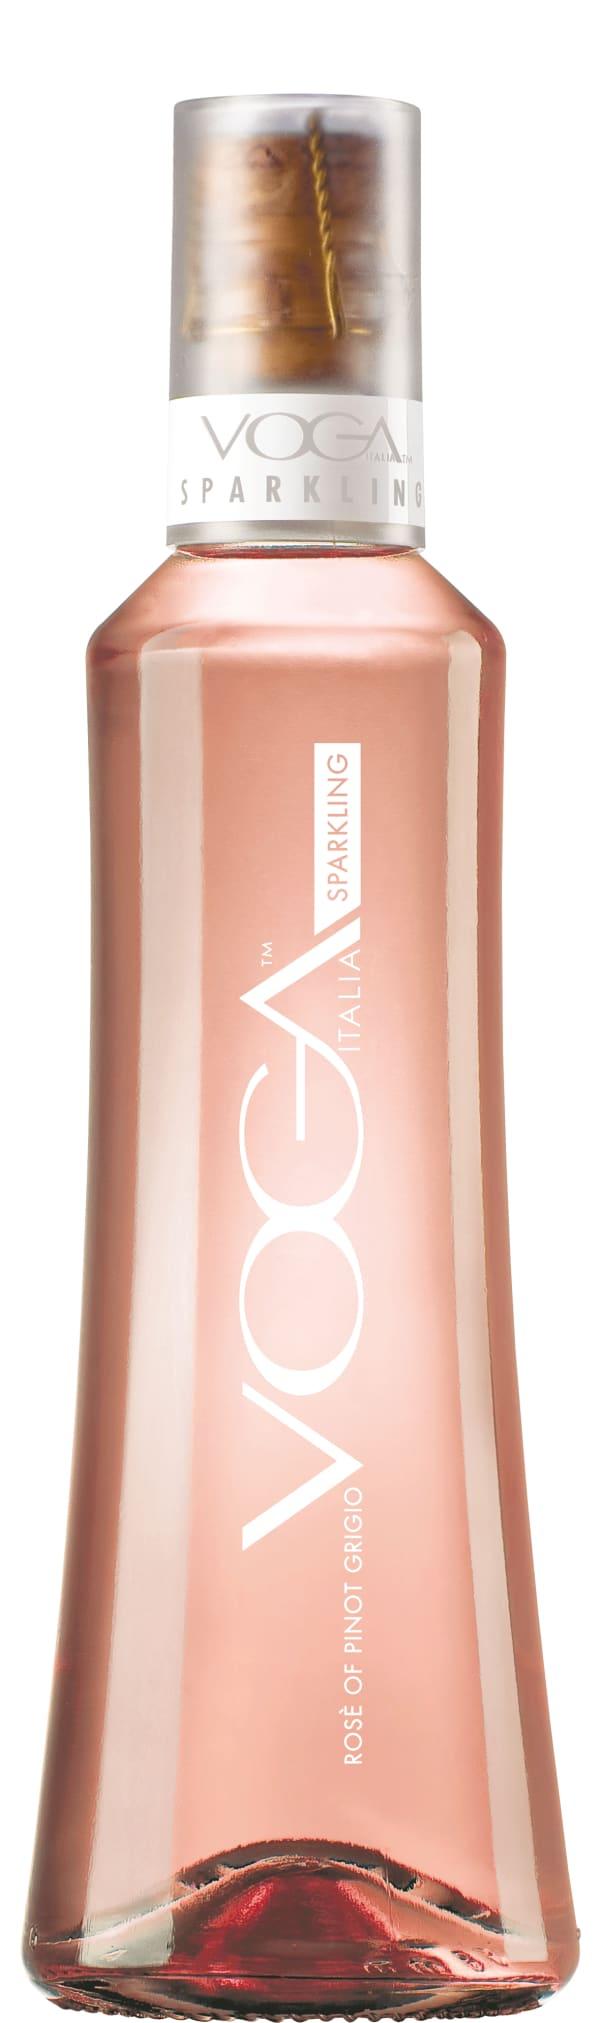 Voga Sparkling Rosè Extra Dry